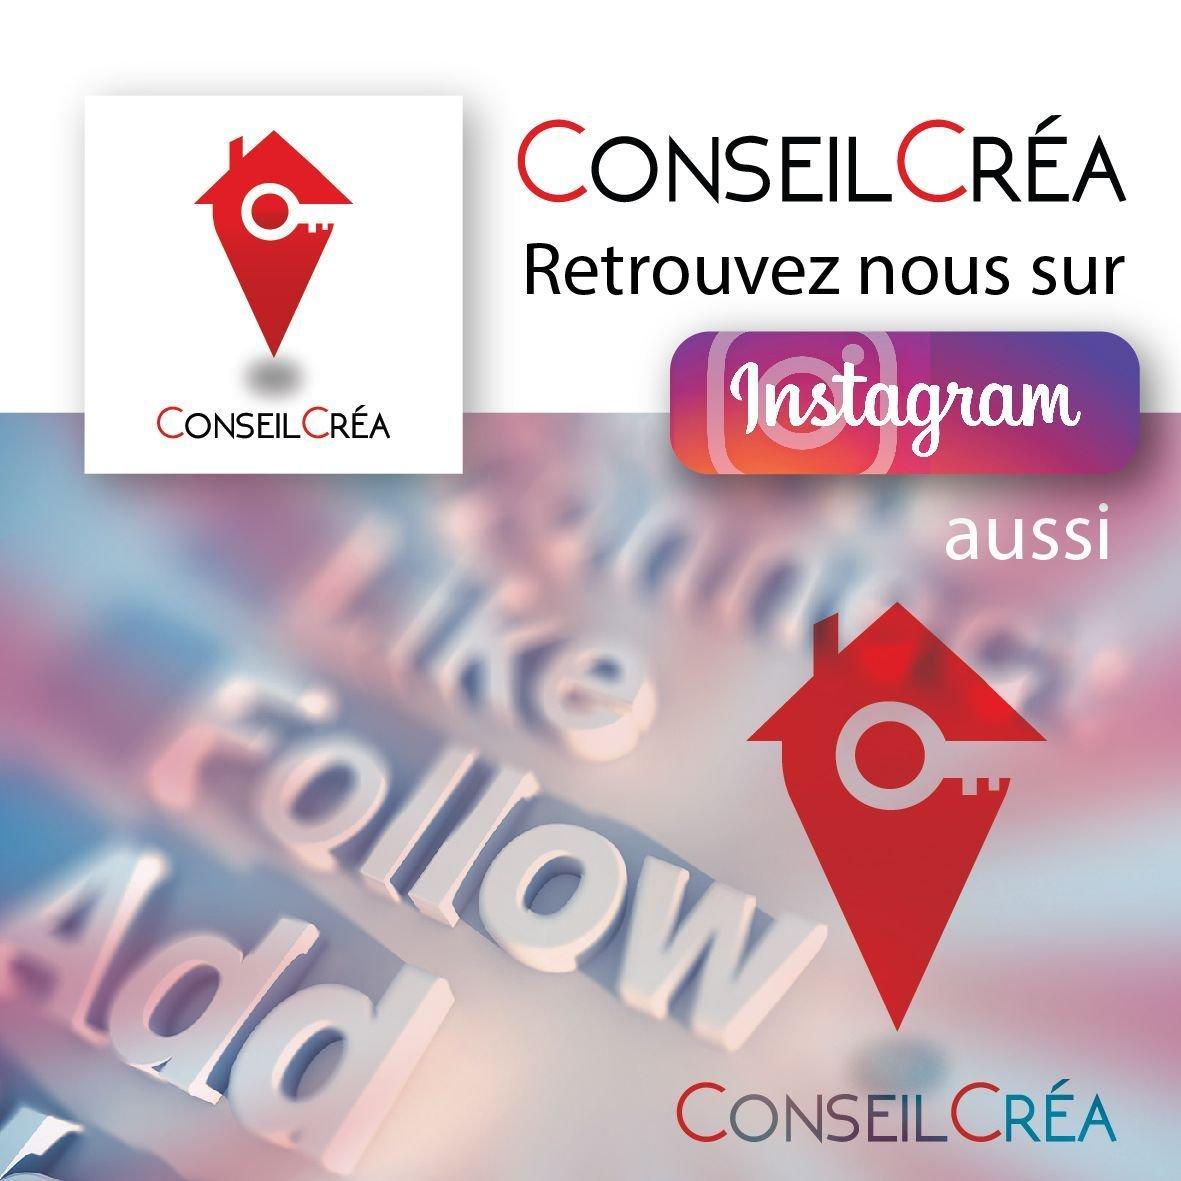 #Retrouvez nous sur les #réseaux #sociaux #facebook #twitter  #google+ #linkedin #like #courtier #immoilier #taux   http://www. conseilcrea.com / &nbsp;  <br>http://pic.twitter.com/8mEHKeNC73